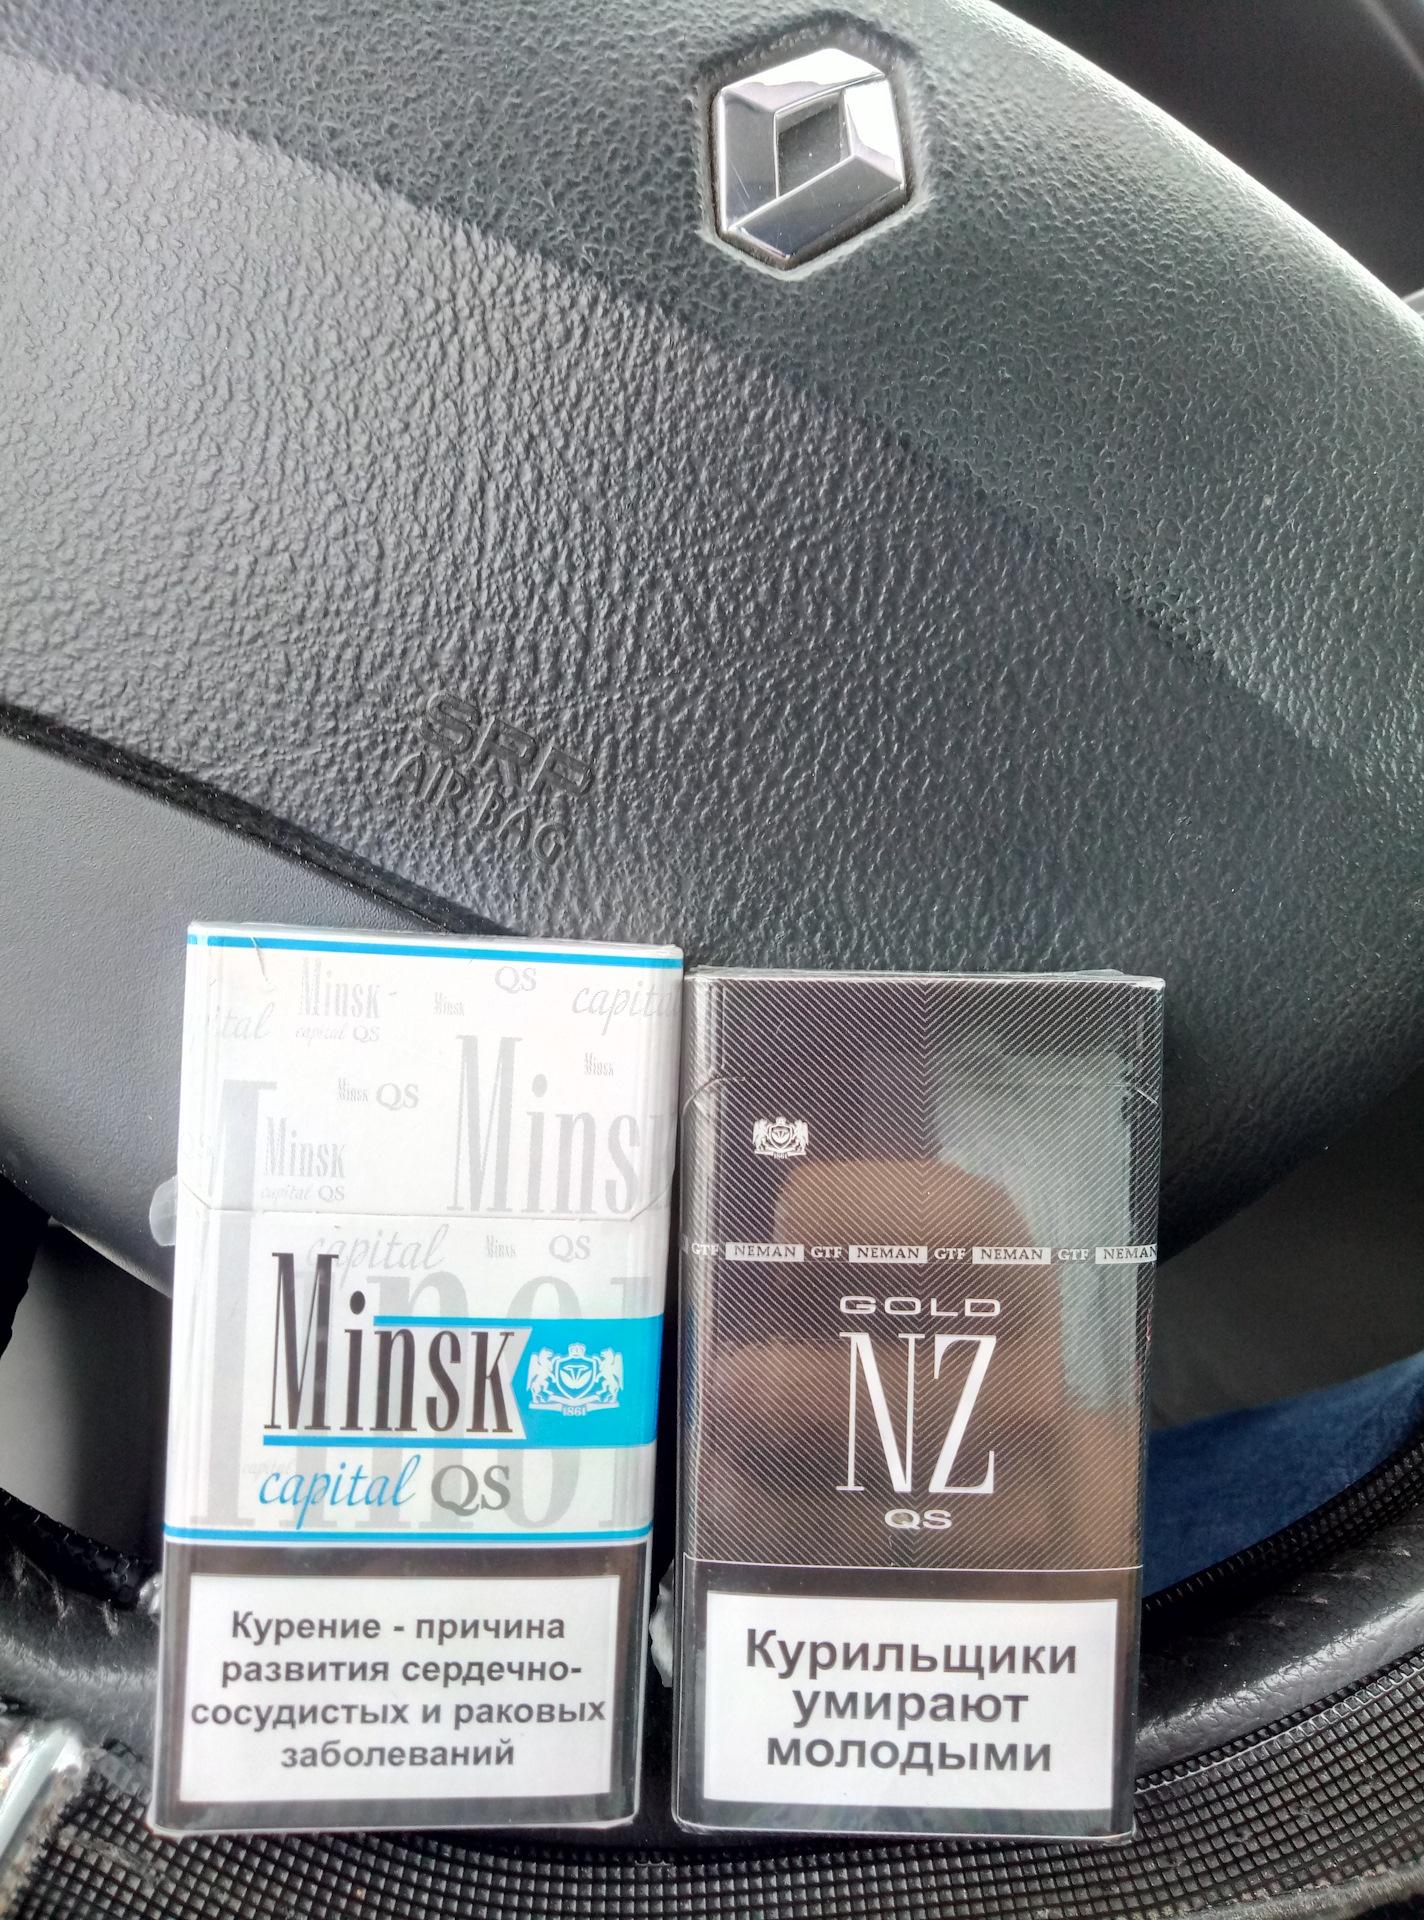 сигареты винстон белорусские купить